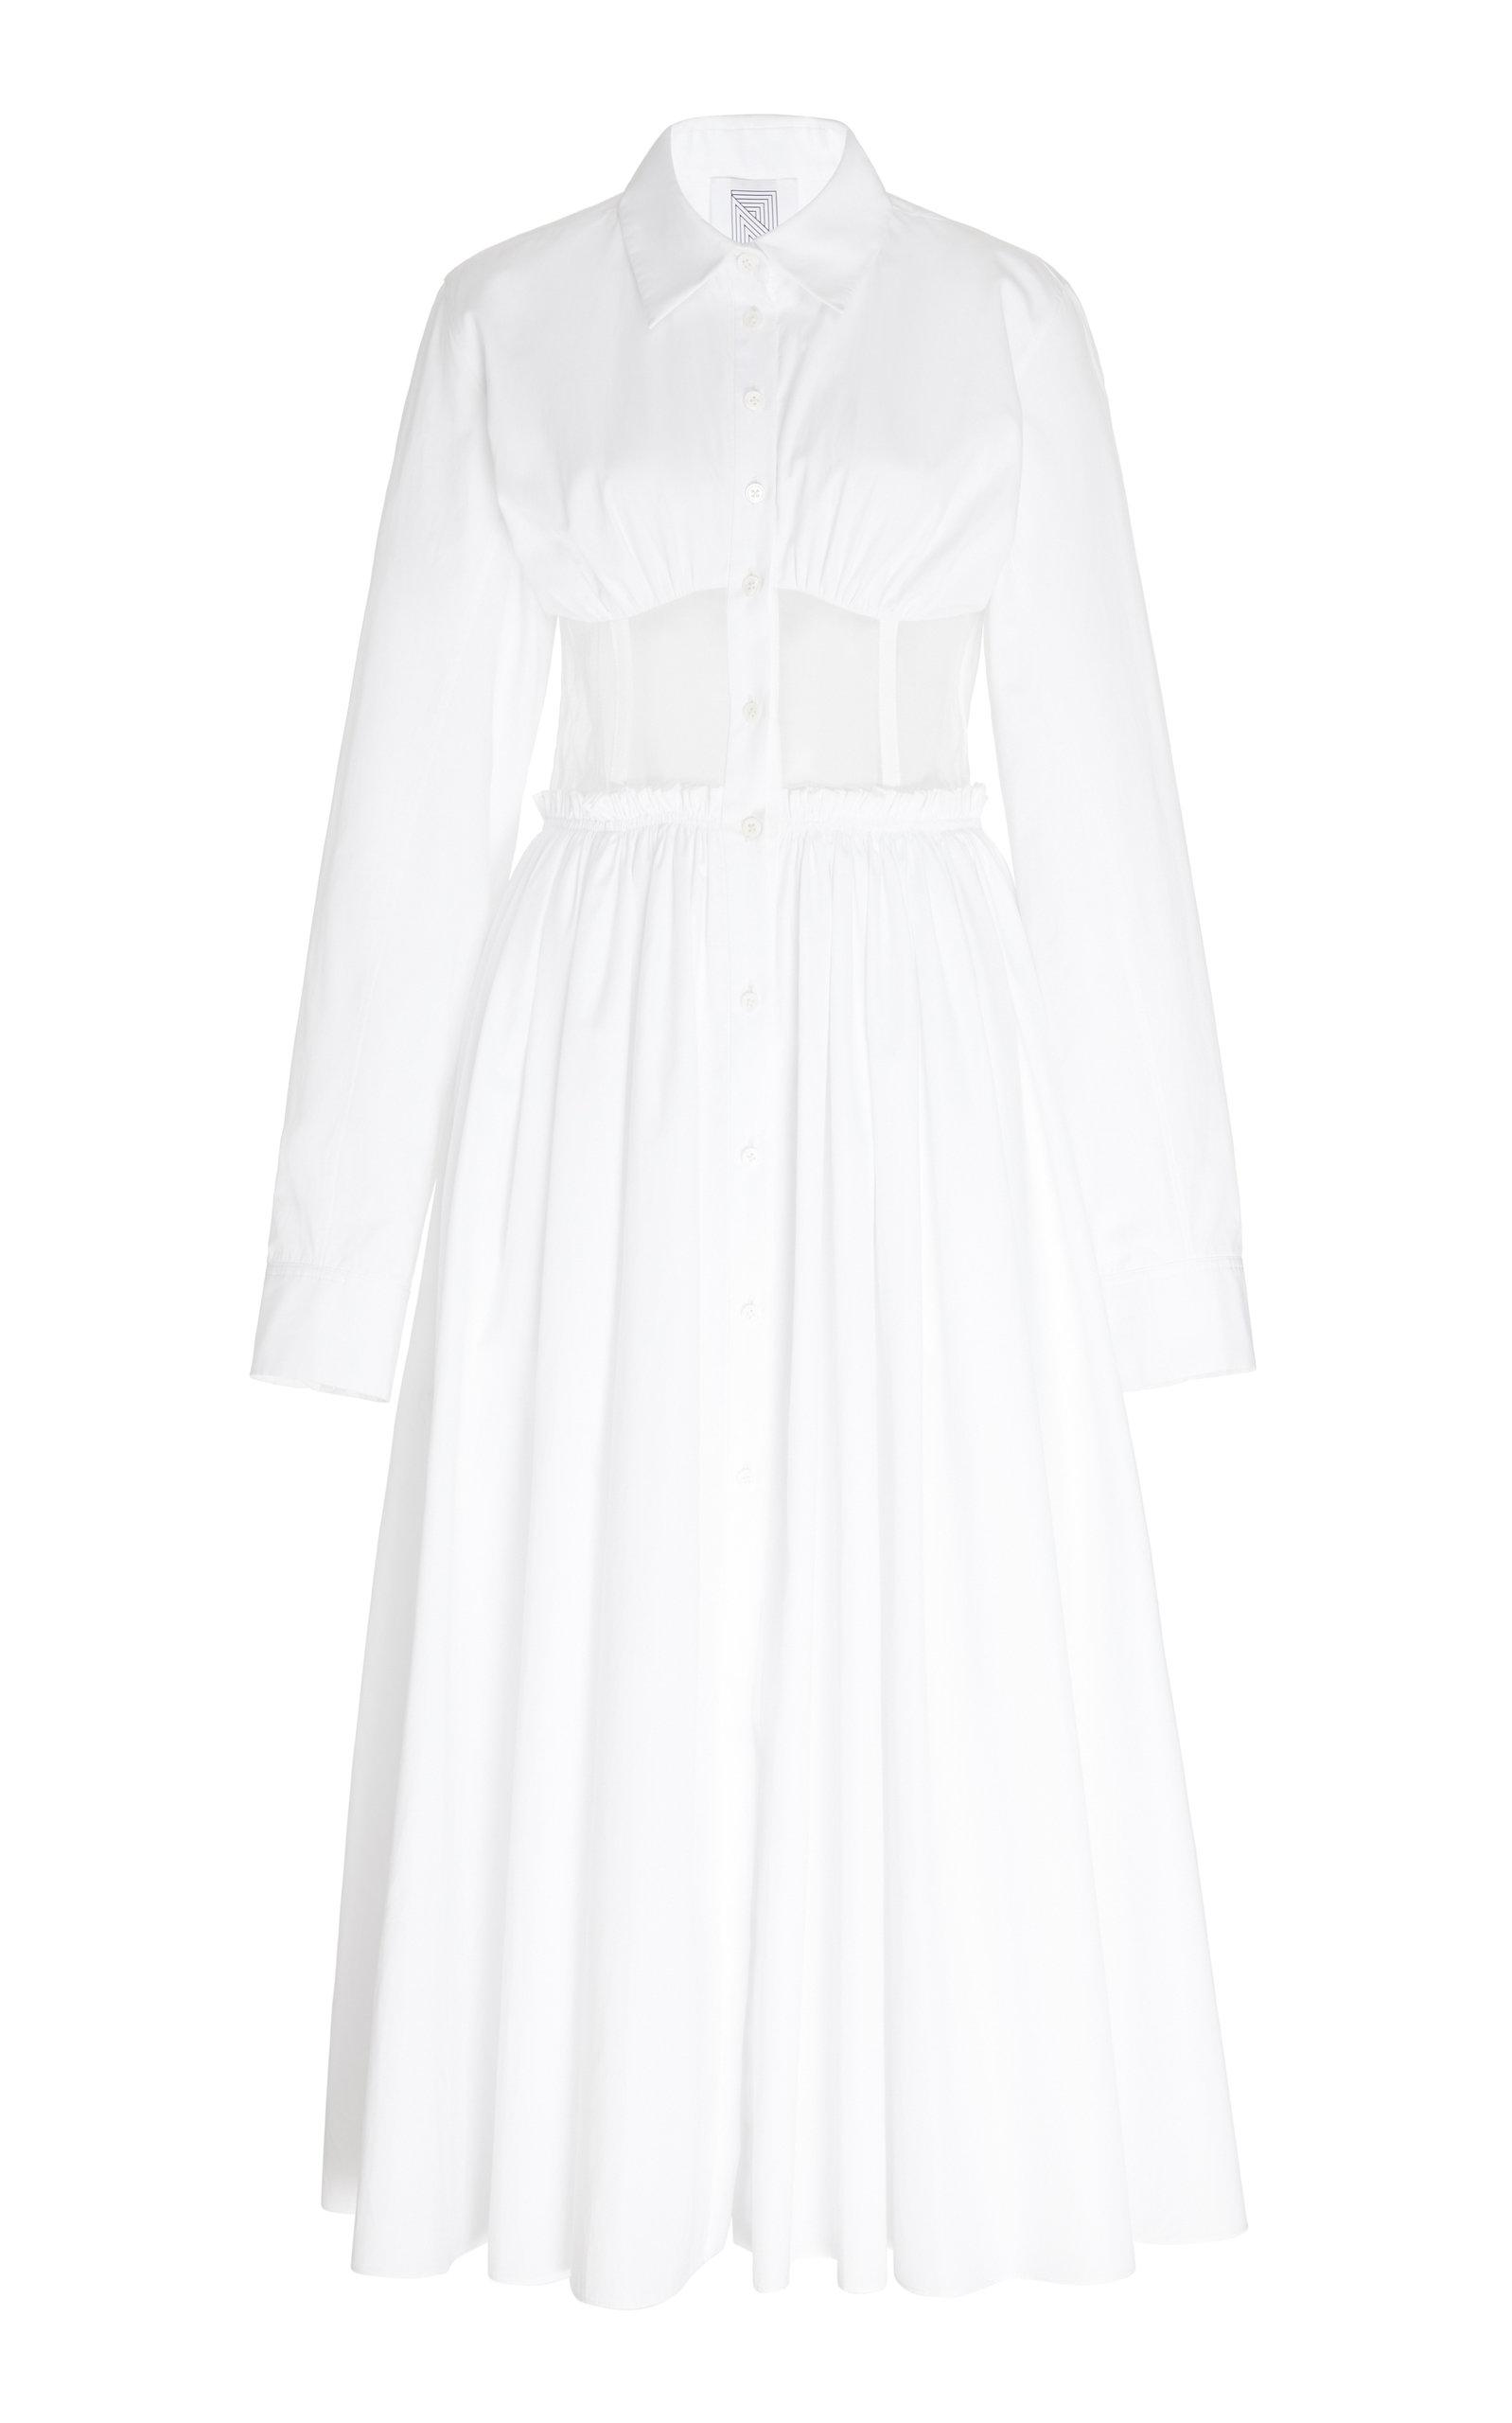 Rosie Assoulin COTTON CORSET SHIRT DRESS